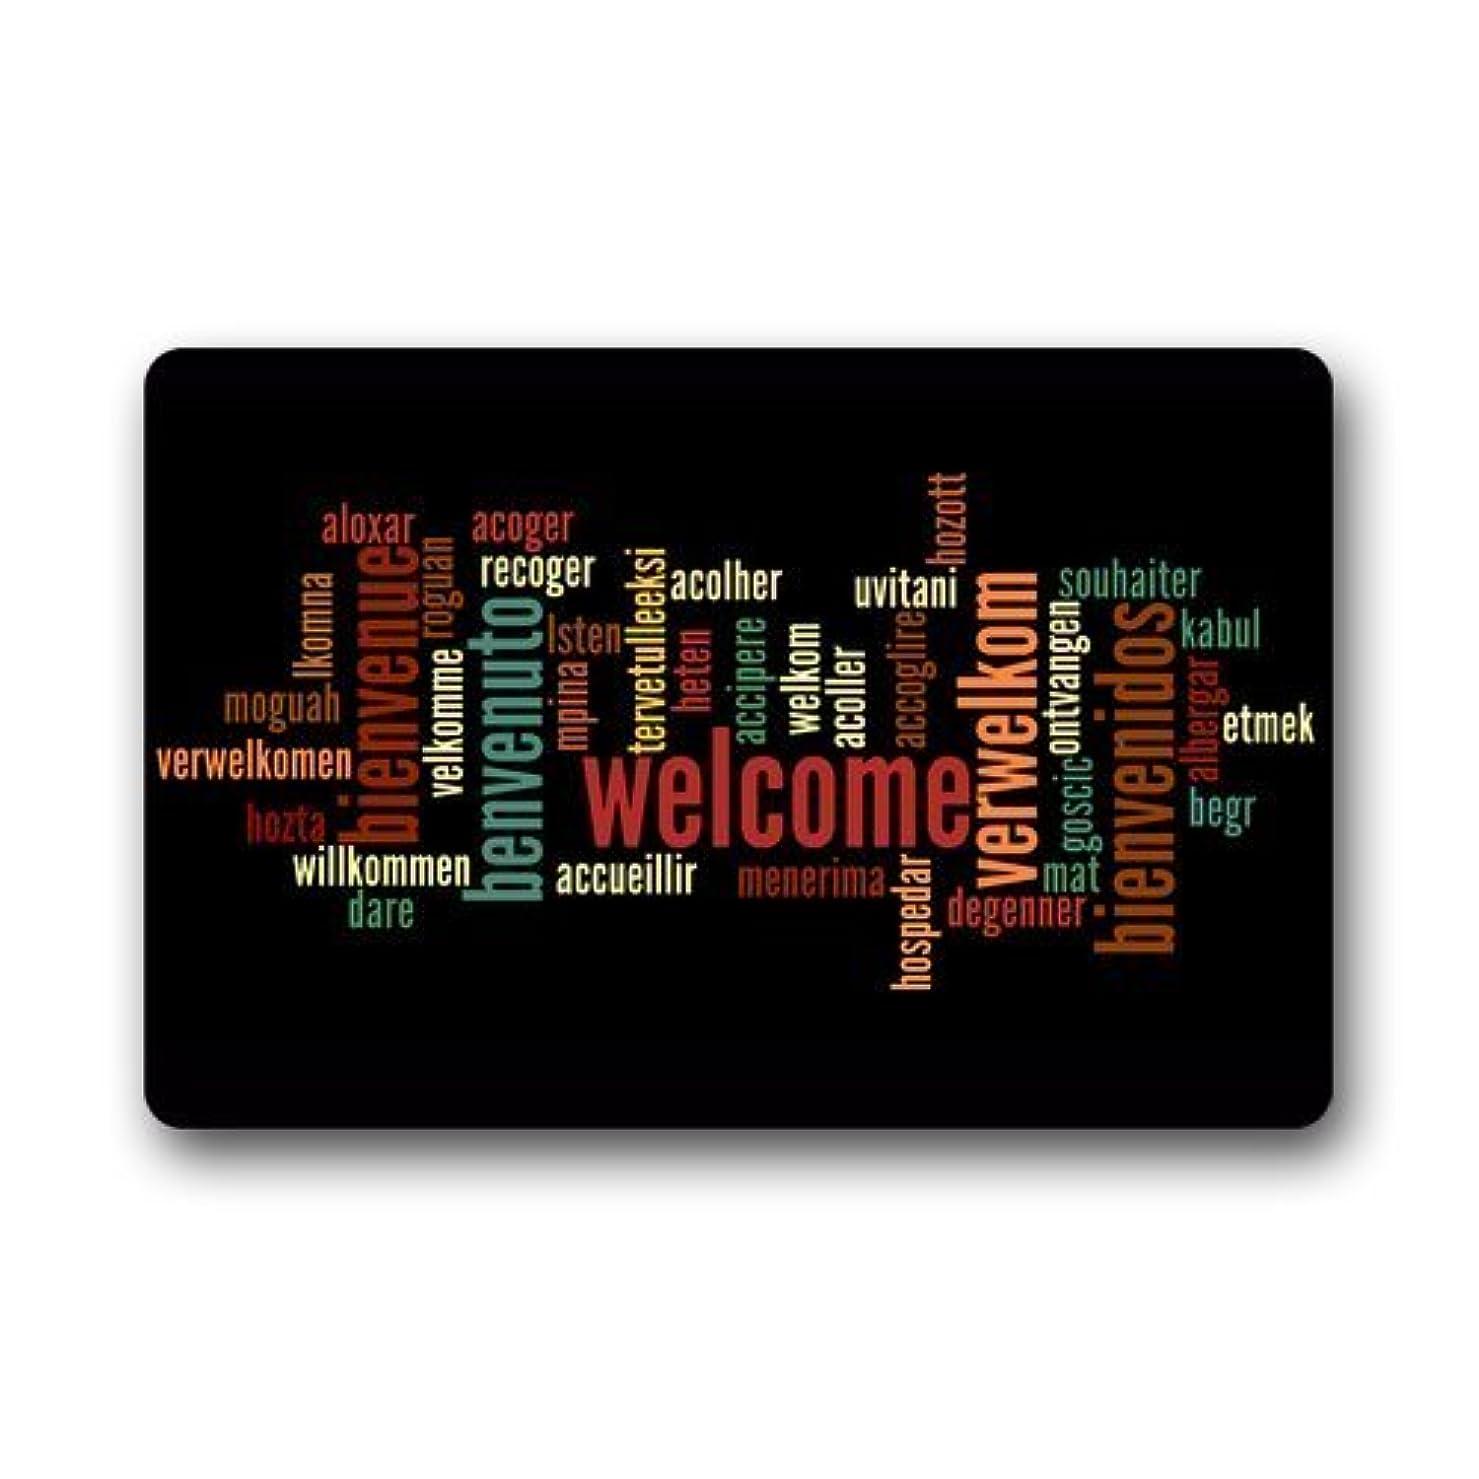 チャンススローガン出会いDoormat Custom Machine-Washable Door Mat Welcome in Various Languages Indoor/Outdoor 23.6 x 15.8 inch